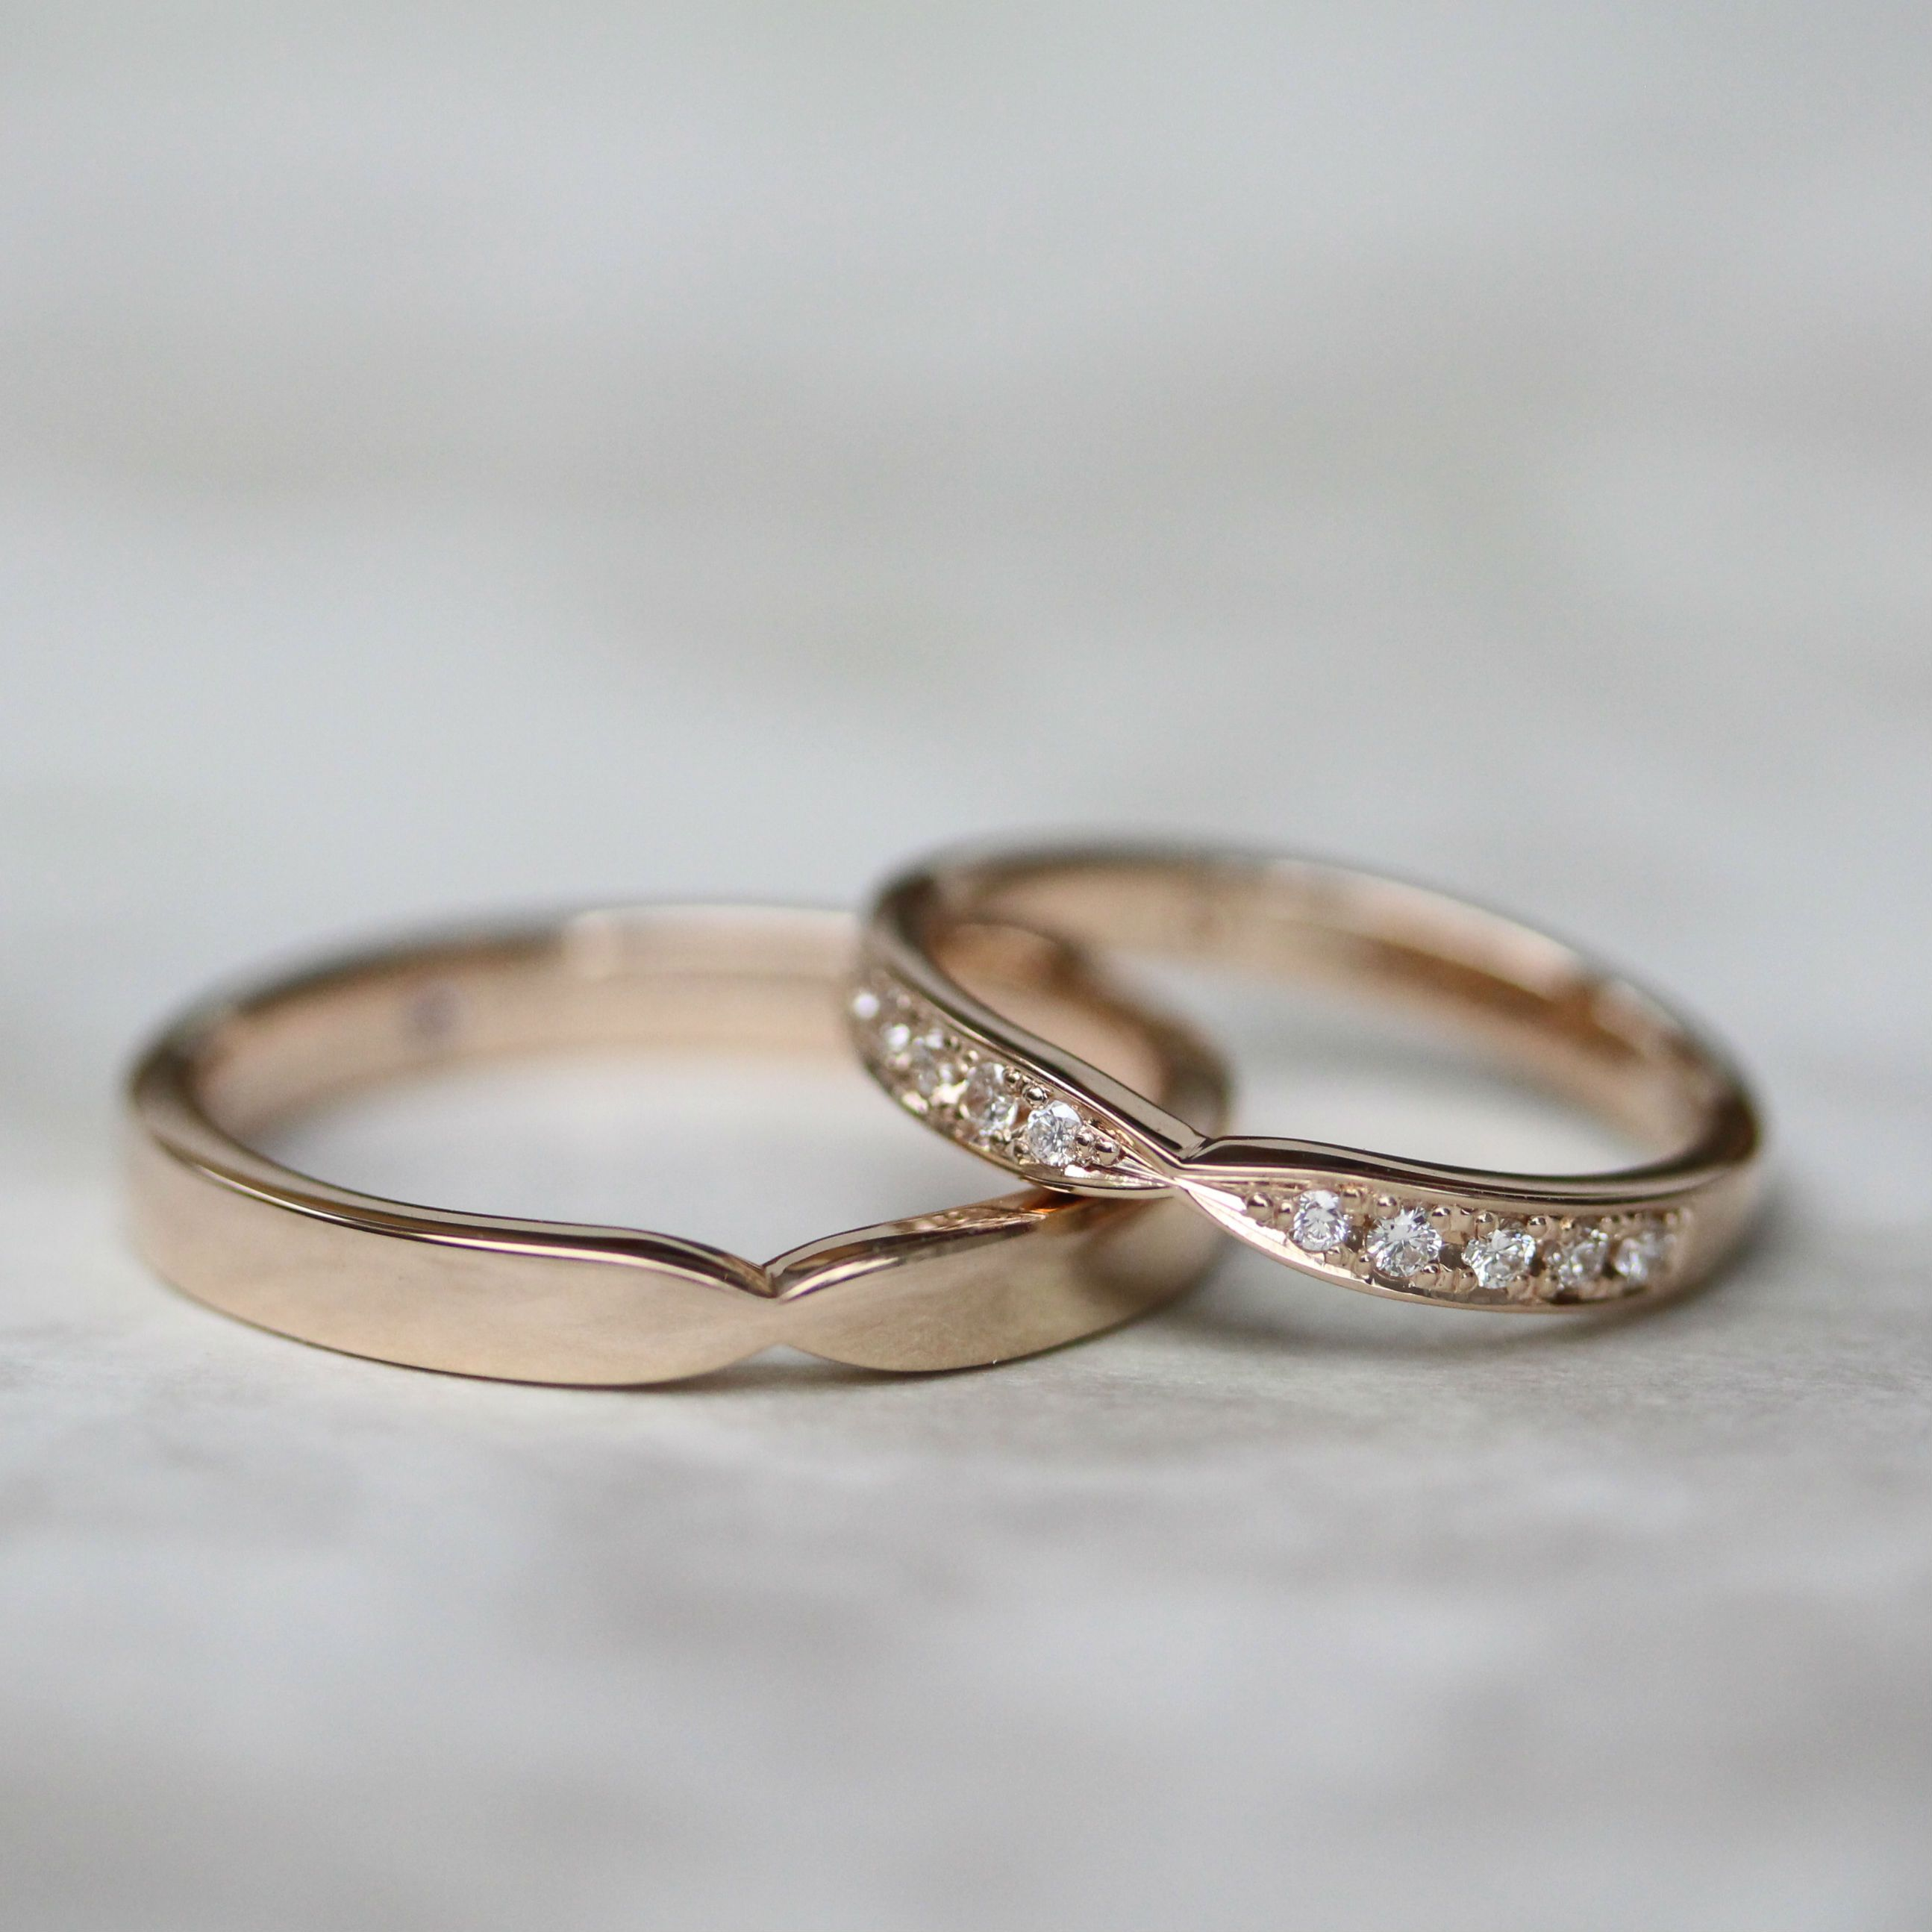 優しくシェイプされたリボンの形の結婚指輪 Cincin tunangan, Cincin perkawinan